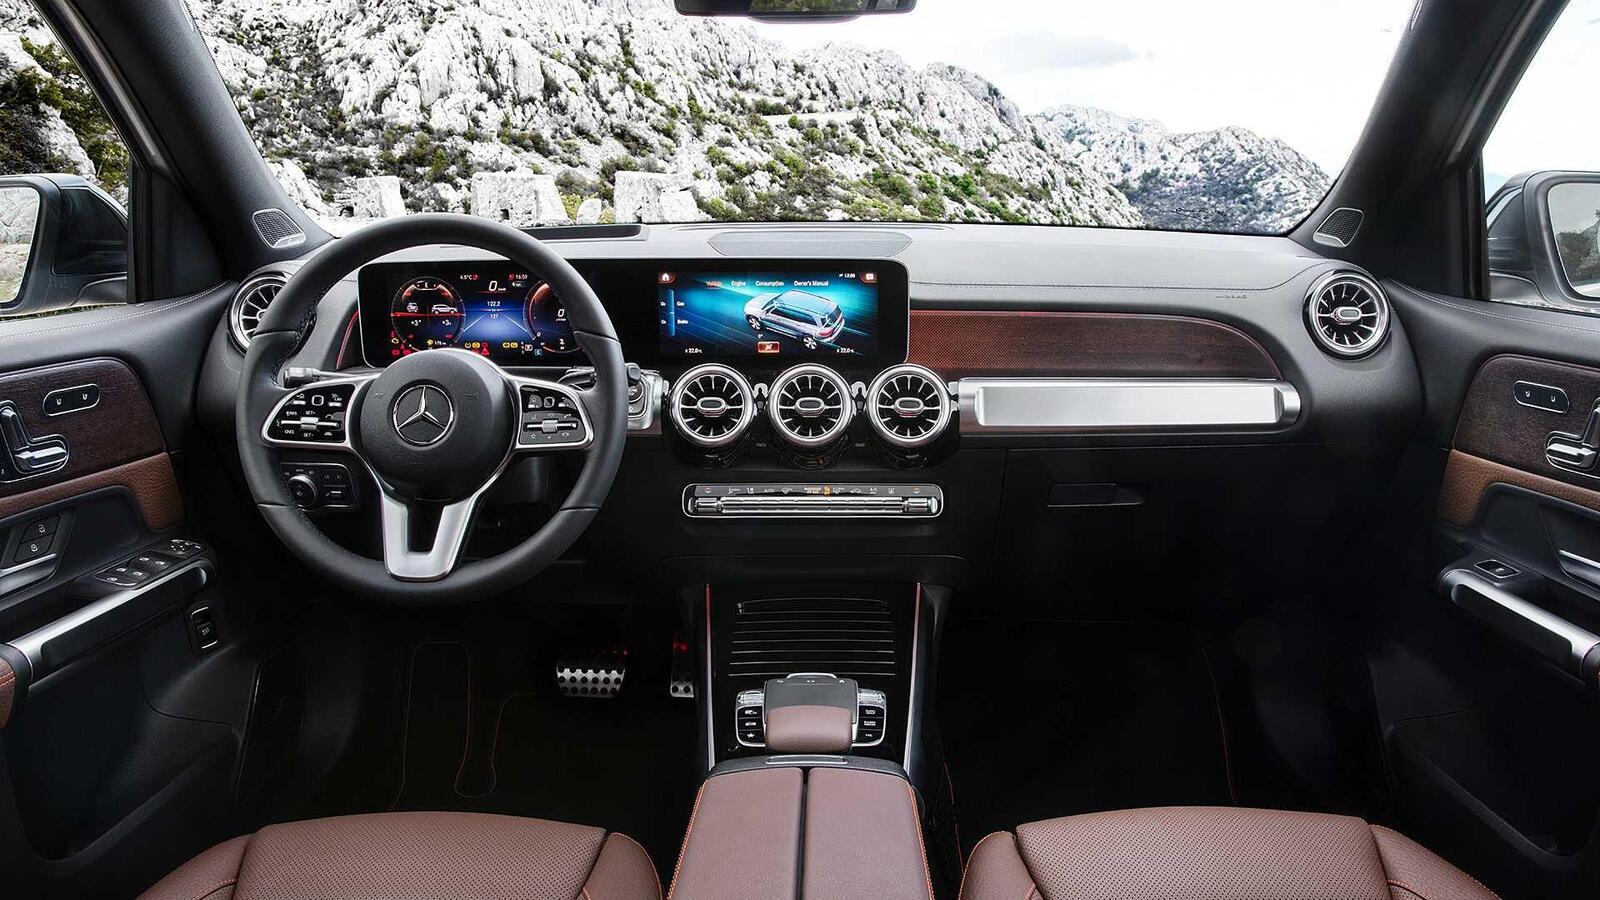 Mercedes-Benz GLB 2020 chính thức ra mắt: xe 7 chỗ dành cho gia đình - Hình 3